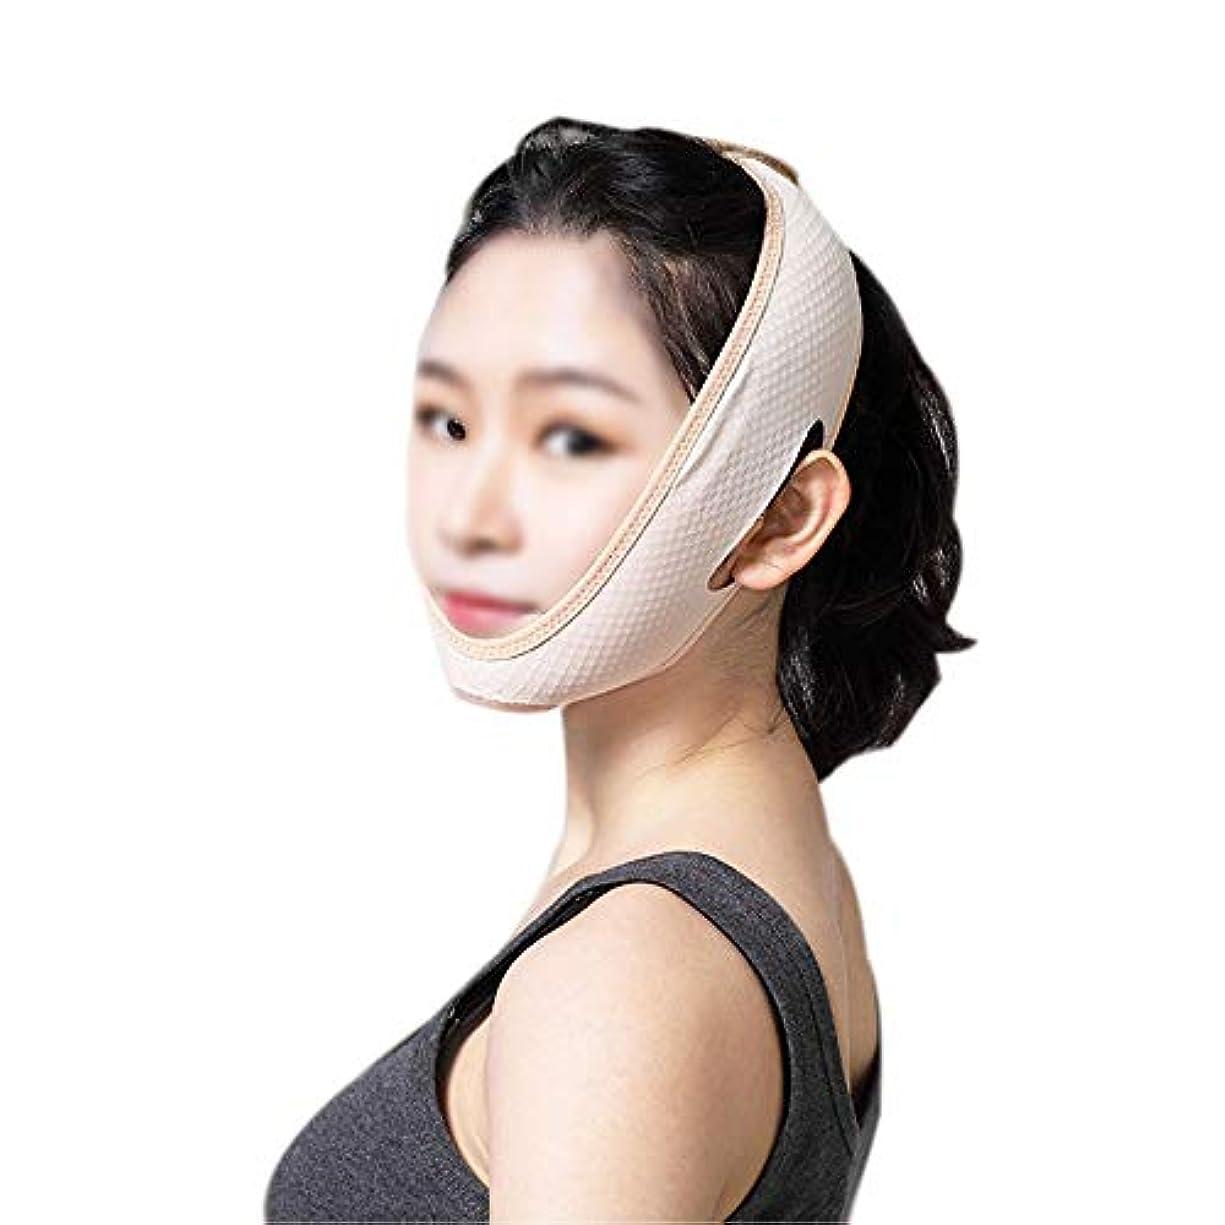 逮捕ダルセット市民権GLJJQMY フェイスリフティング包帯睡眠薄いフェイスマスクは肌を引き締め、二重あごのマスクを減らす 顔用整形マスク